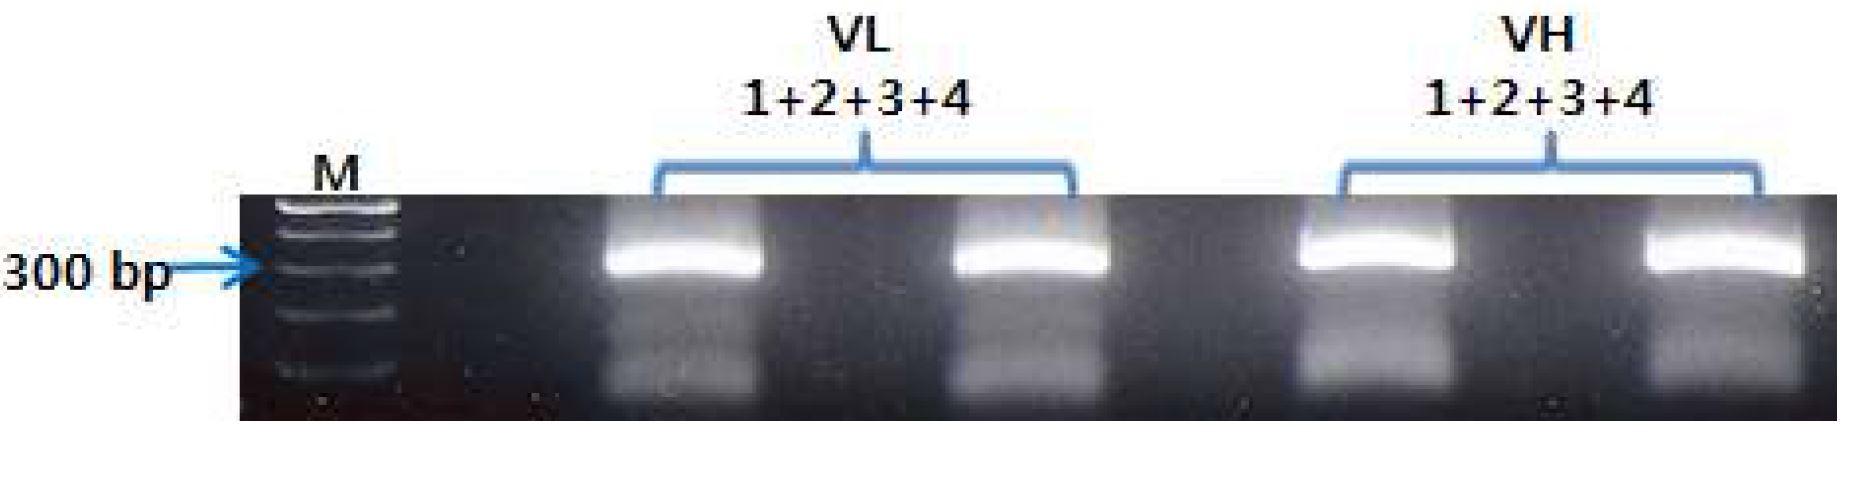 그림 41. PCR product 1, 2와 3, 4의 PCR 결과